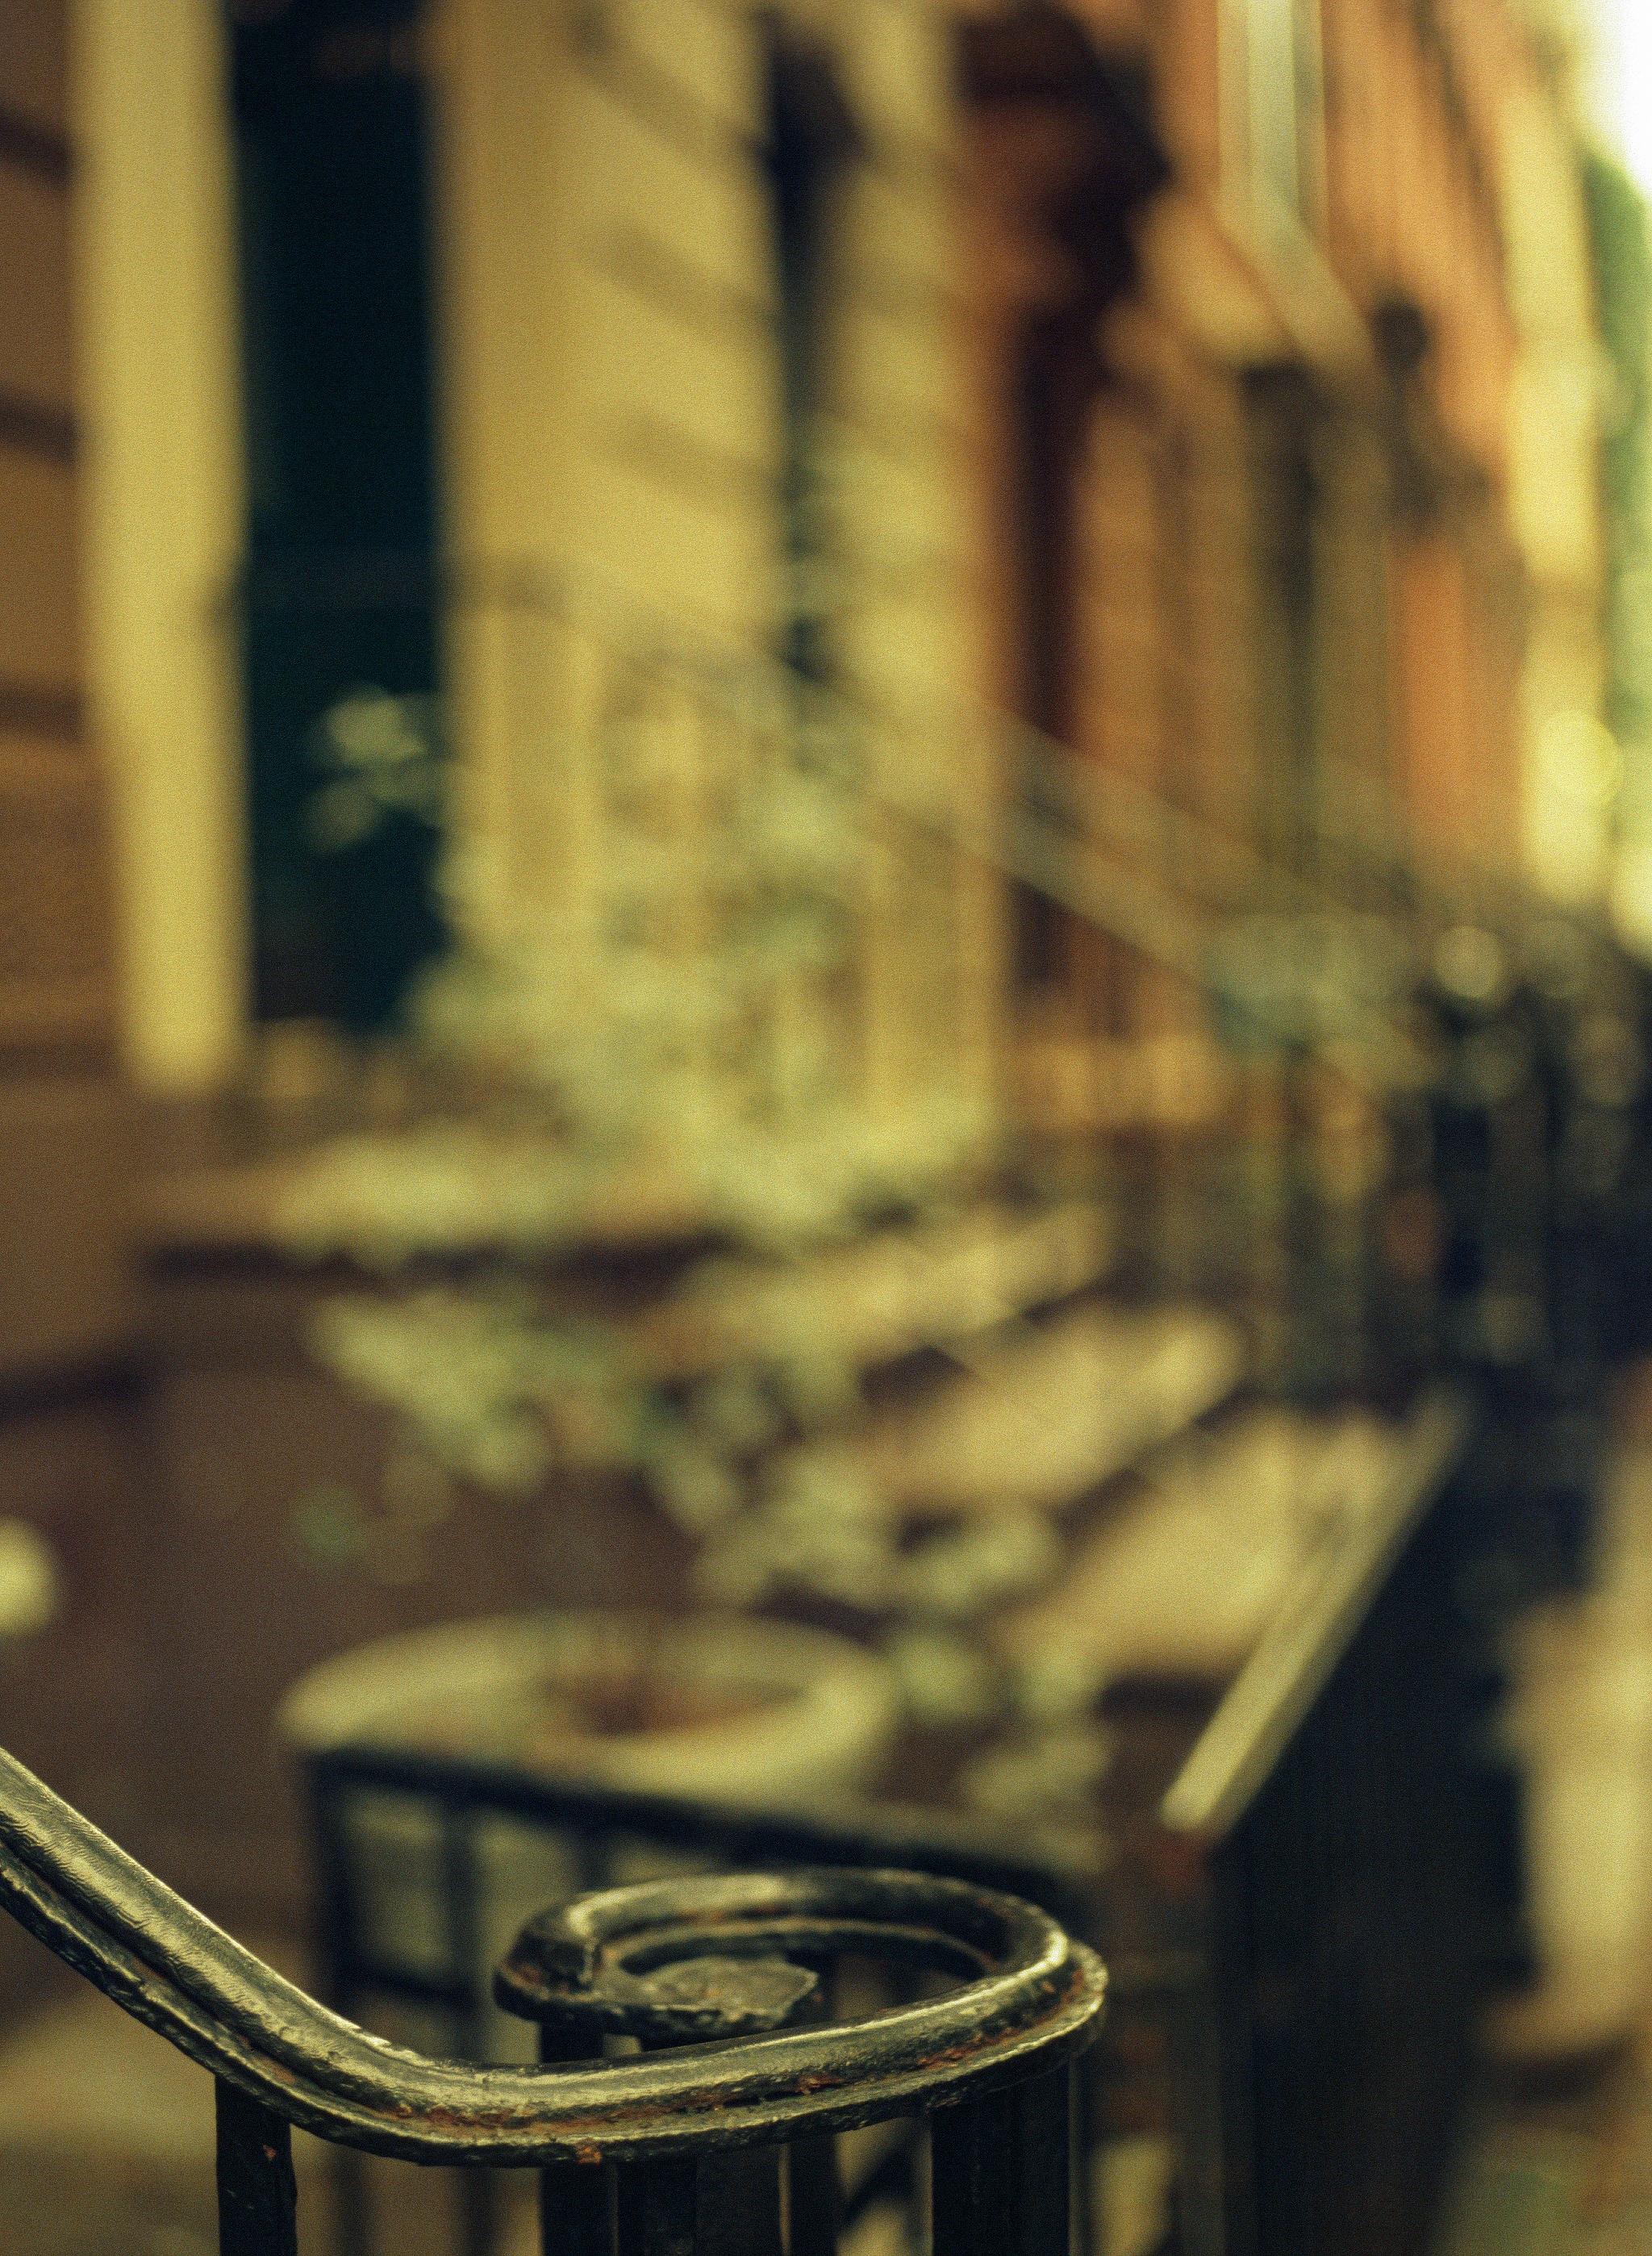 Cinestill - Fomapan - Rollei CR200-20.jpg